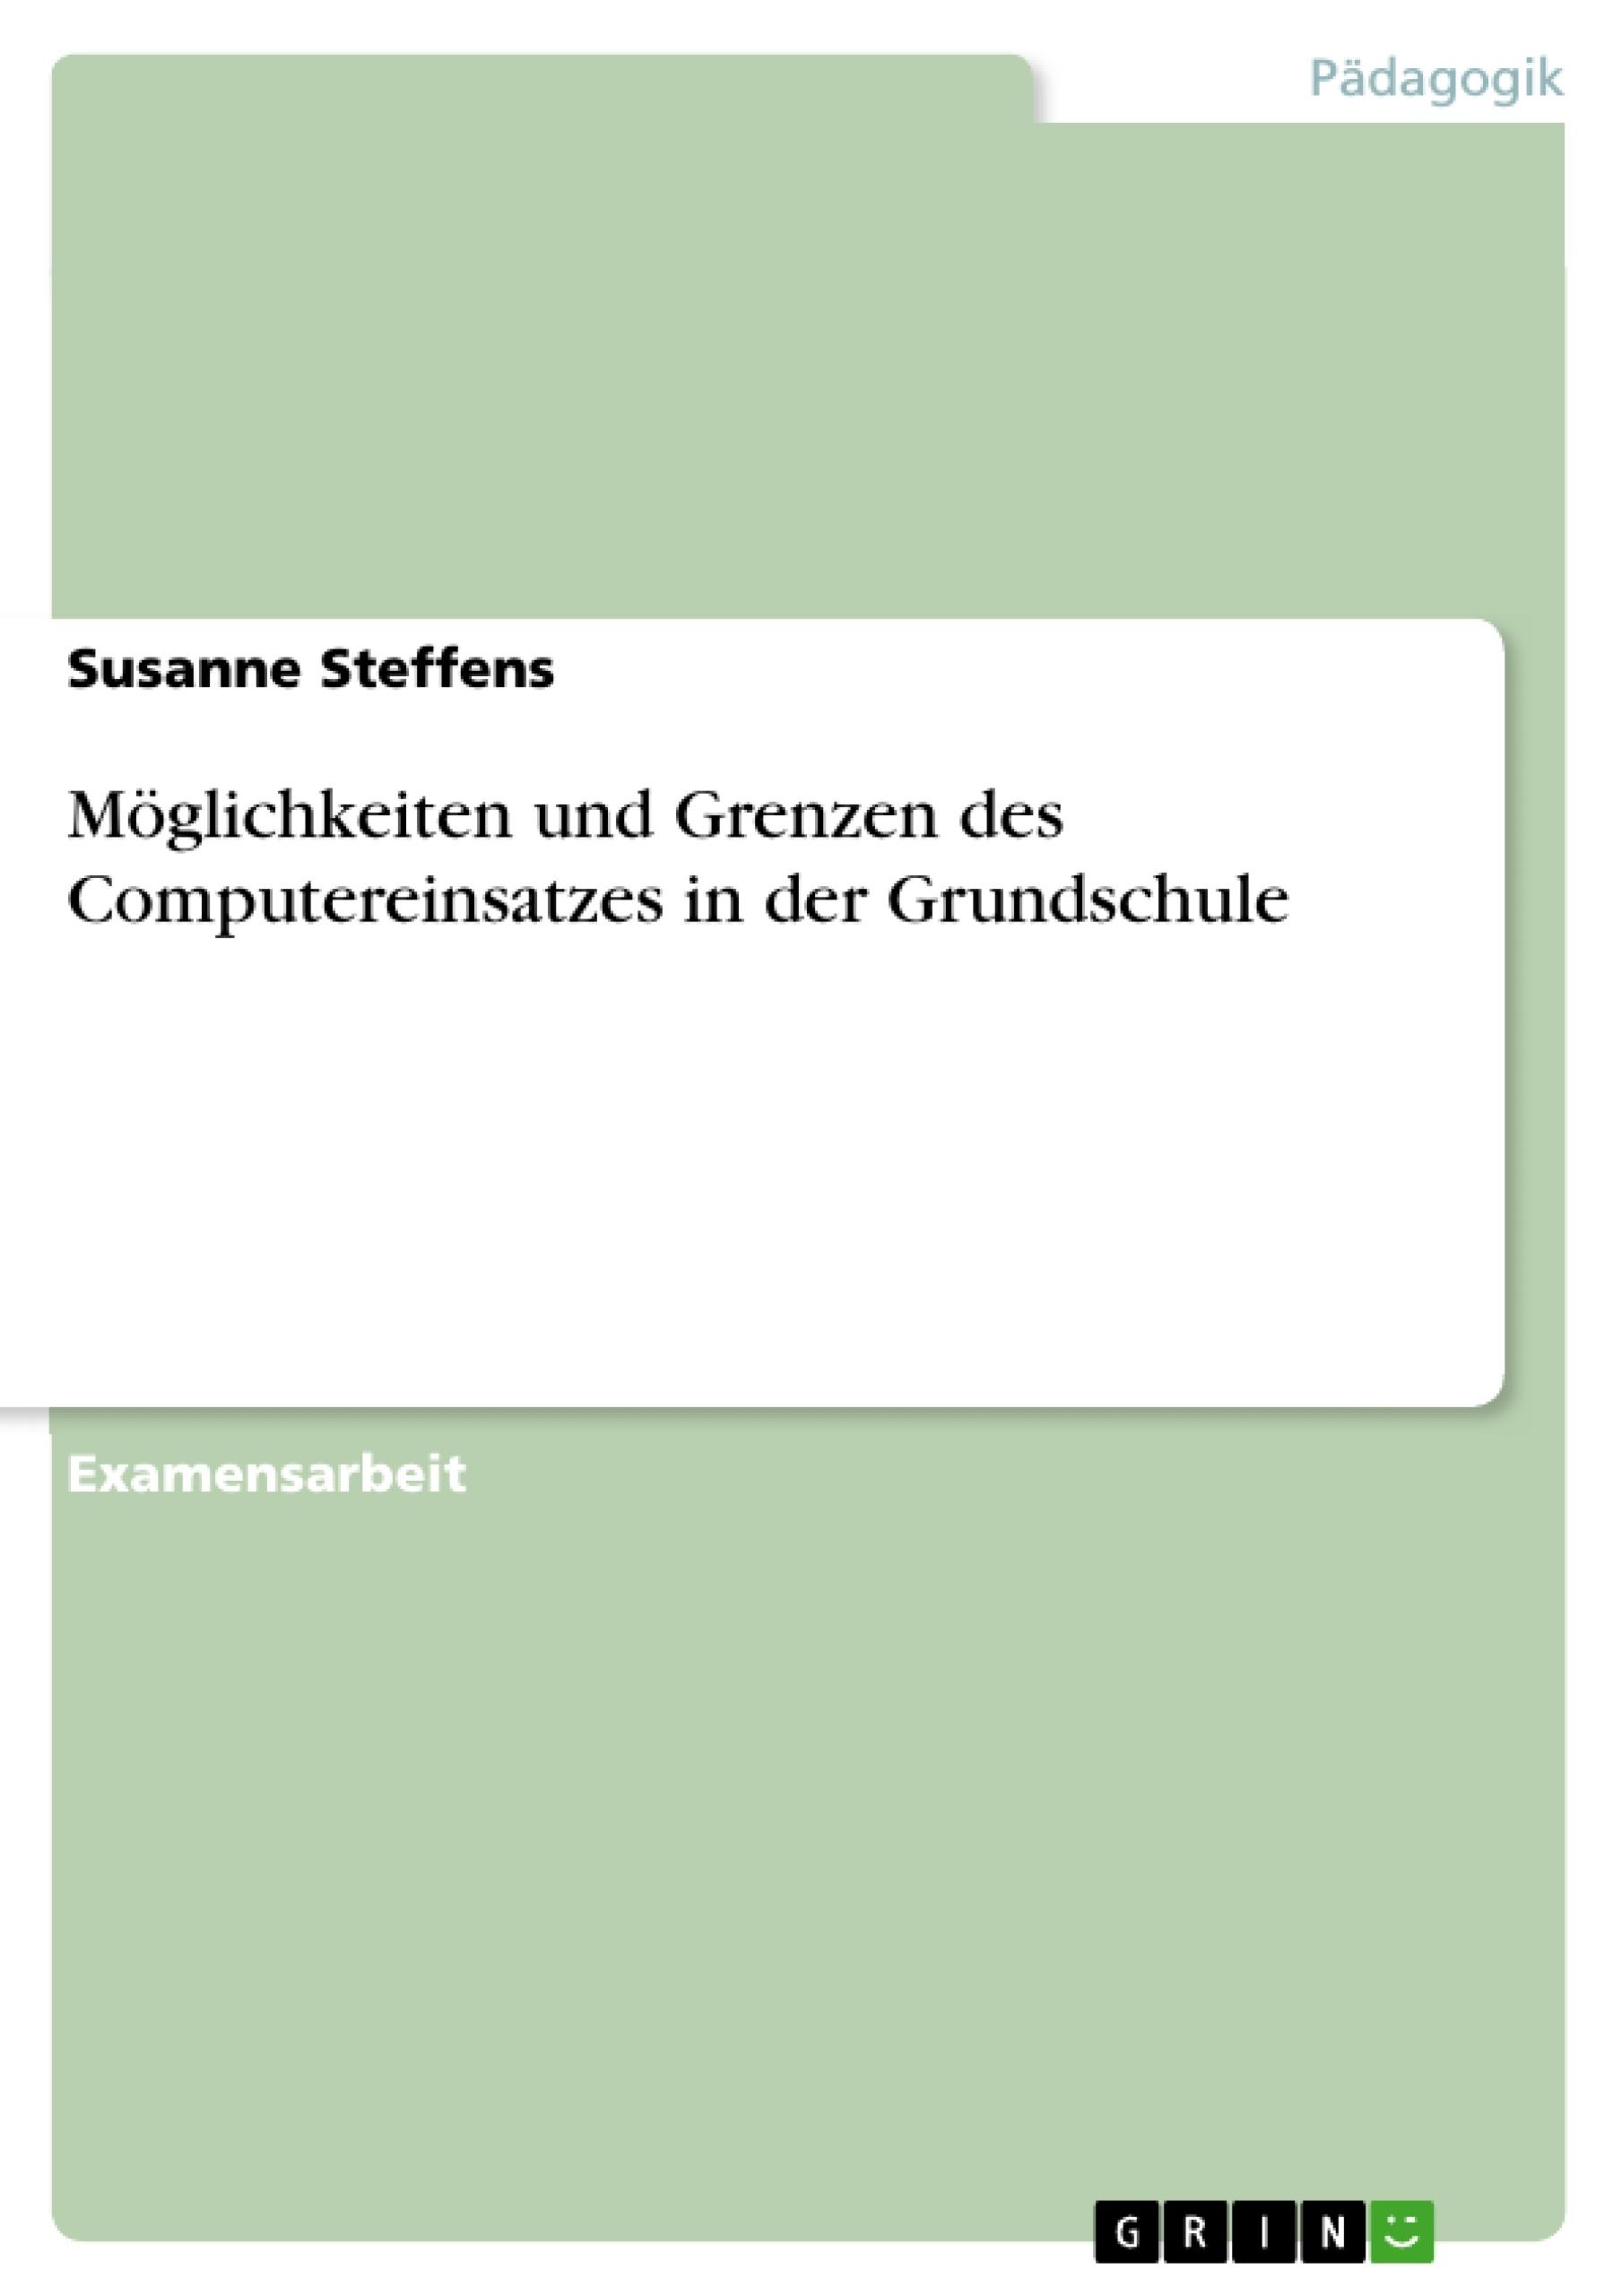 Titel: Möglichkeiten und Grenzen des Computereinsatzes in der Grundschule